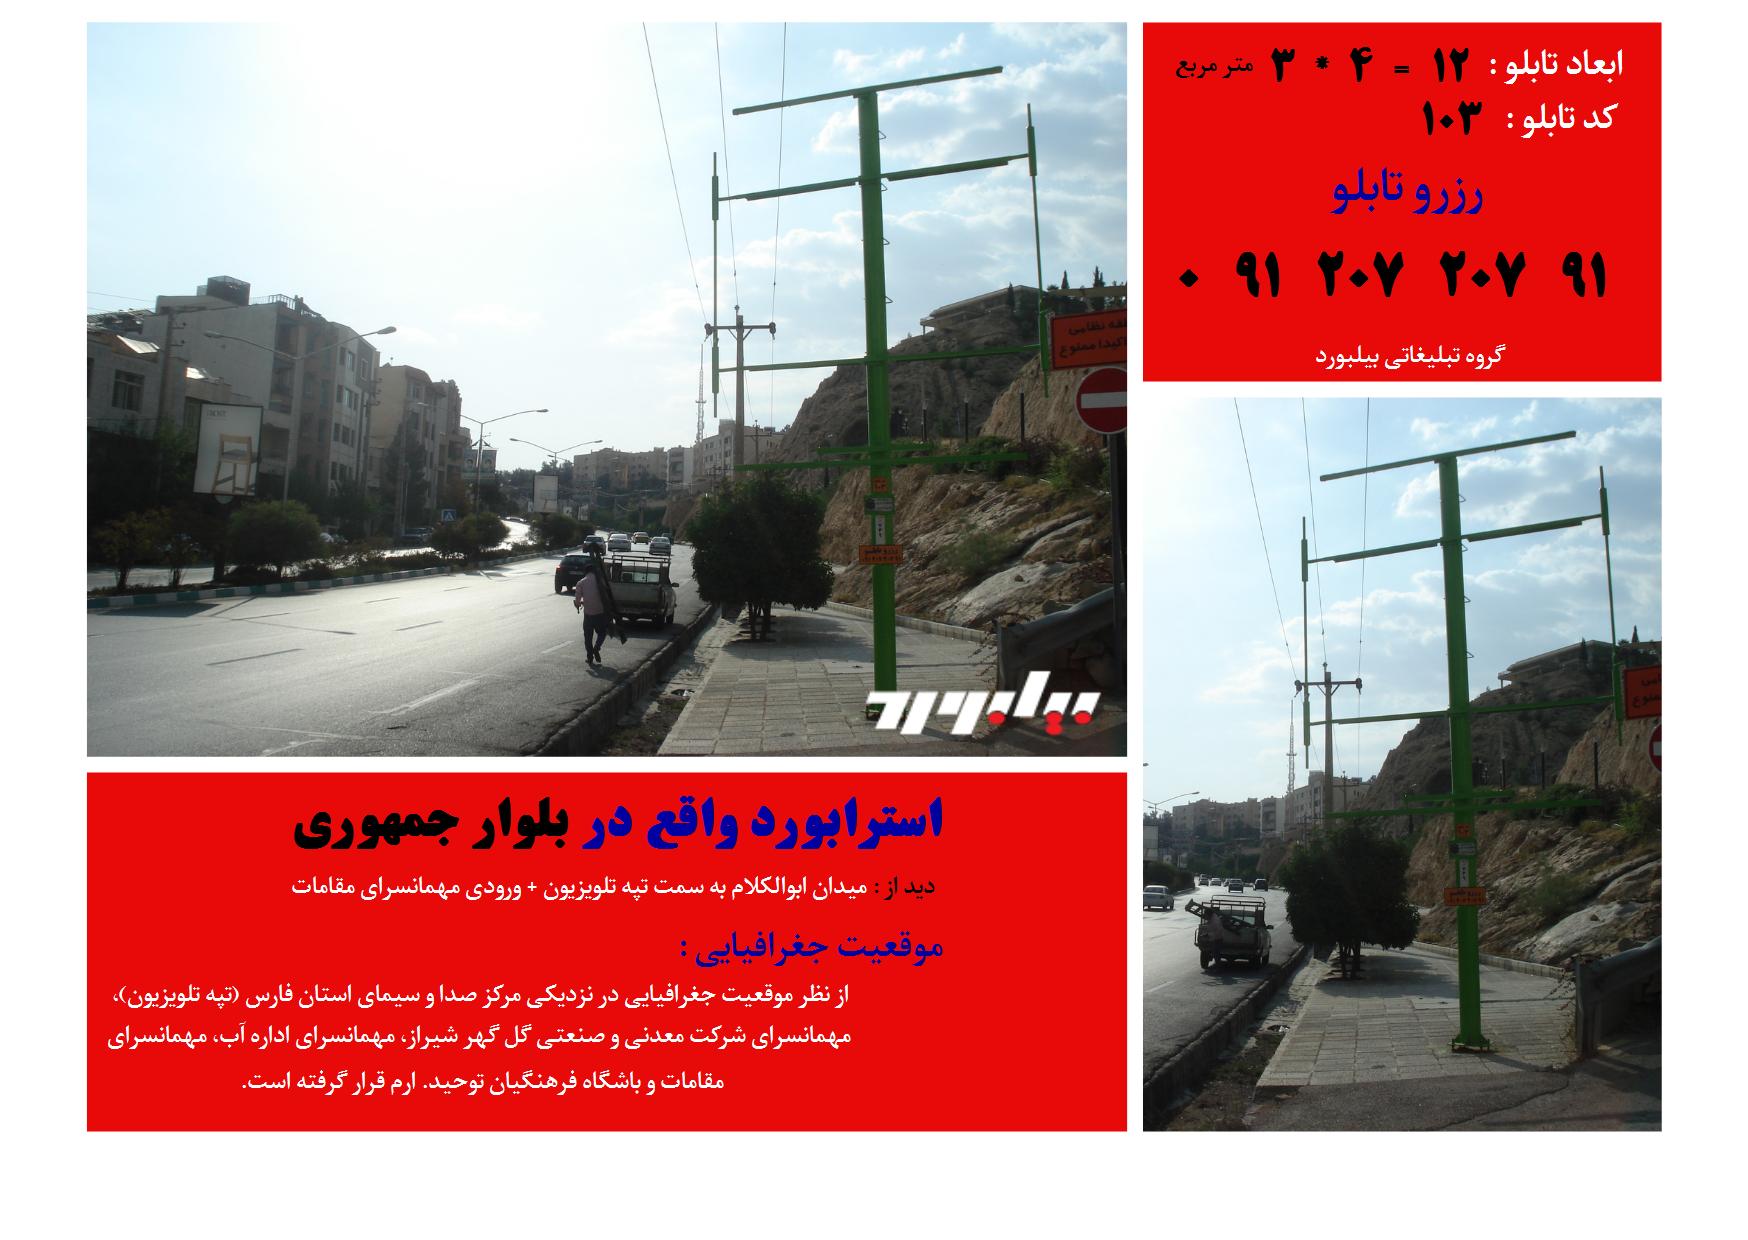 رزرو بیلبورد در شیراز|تبلیغات|فارس شیراز|ثبت آگهی رایگان - بیلبورد